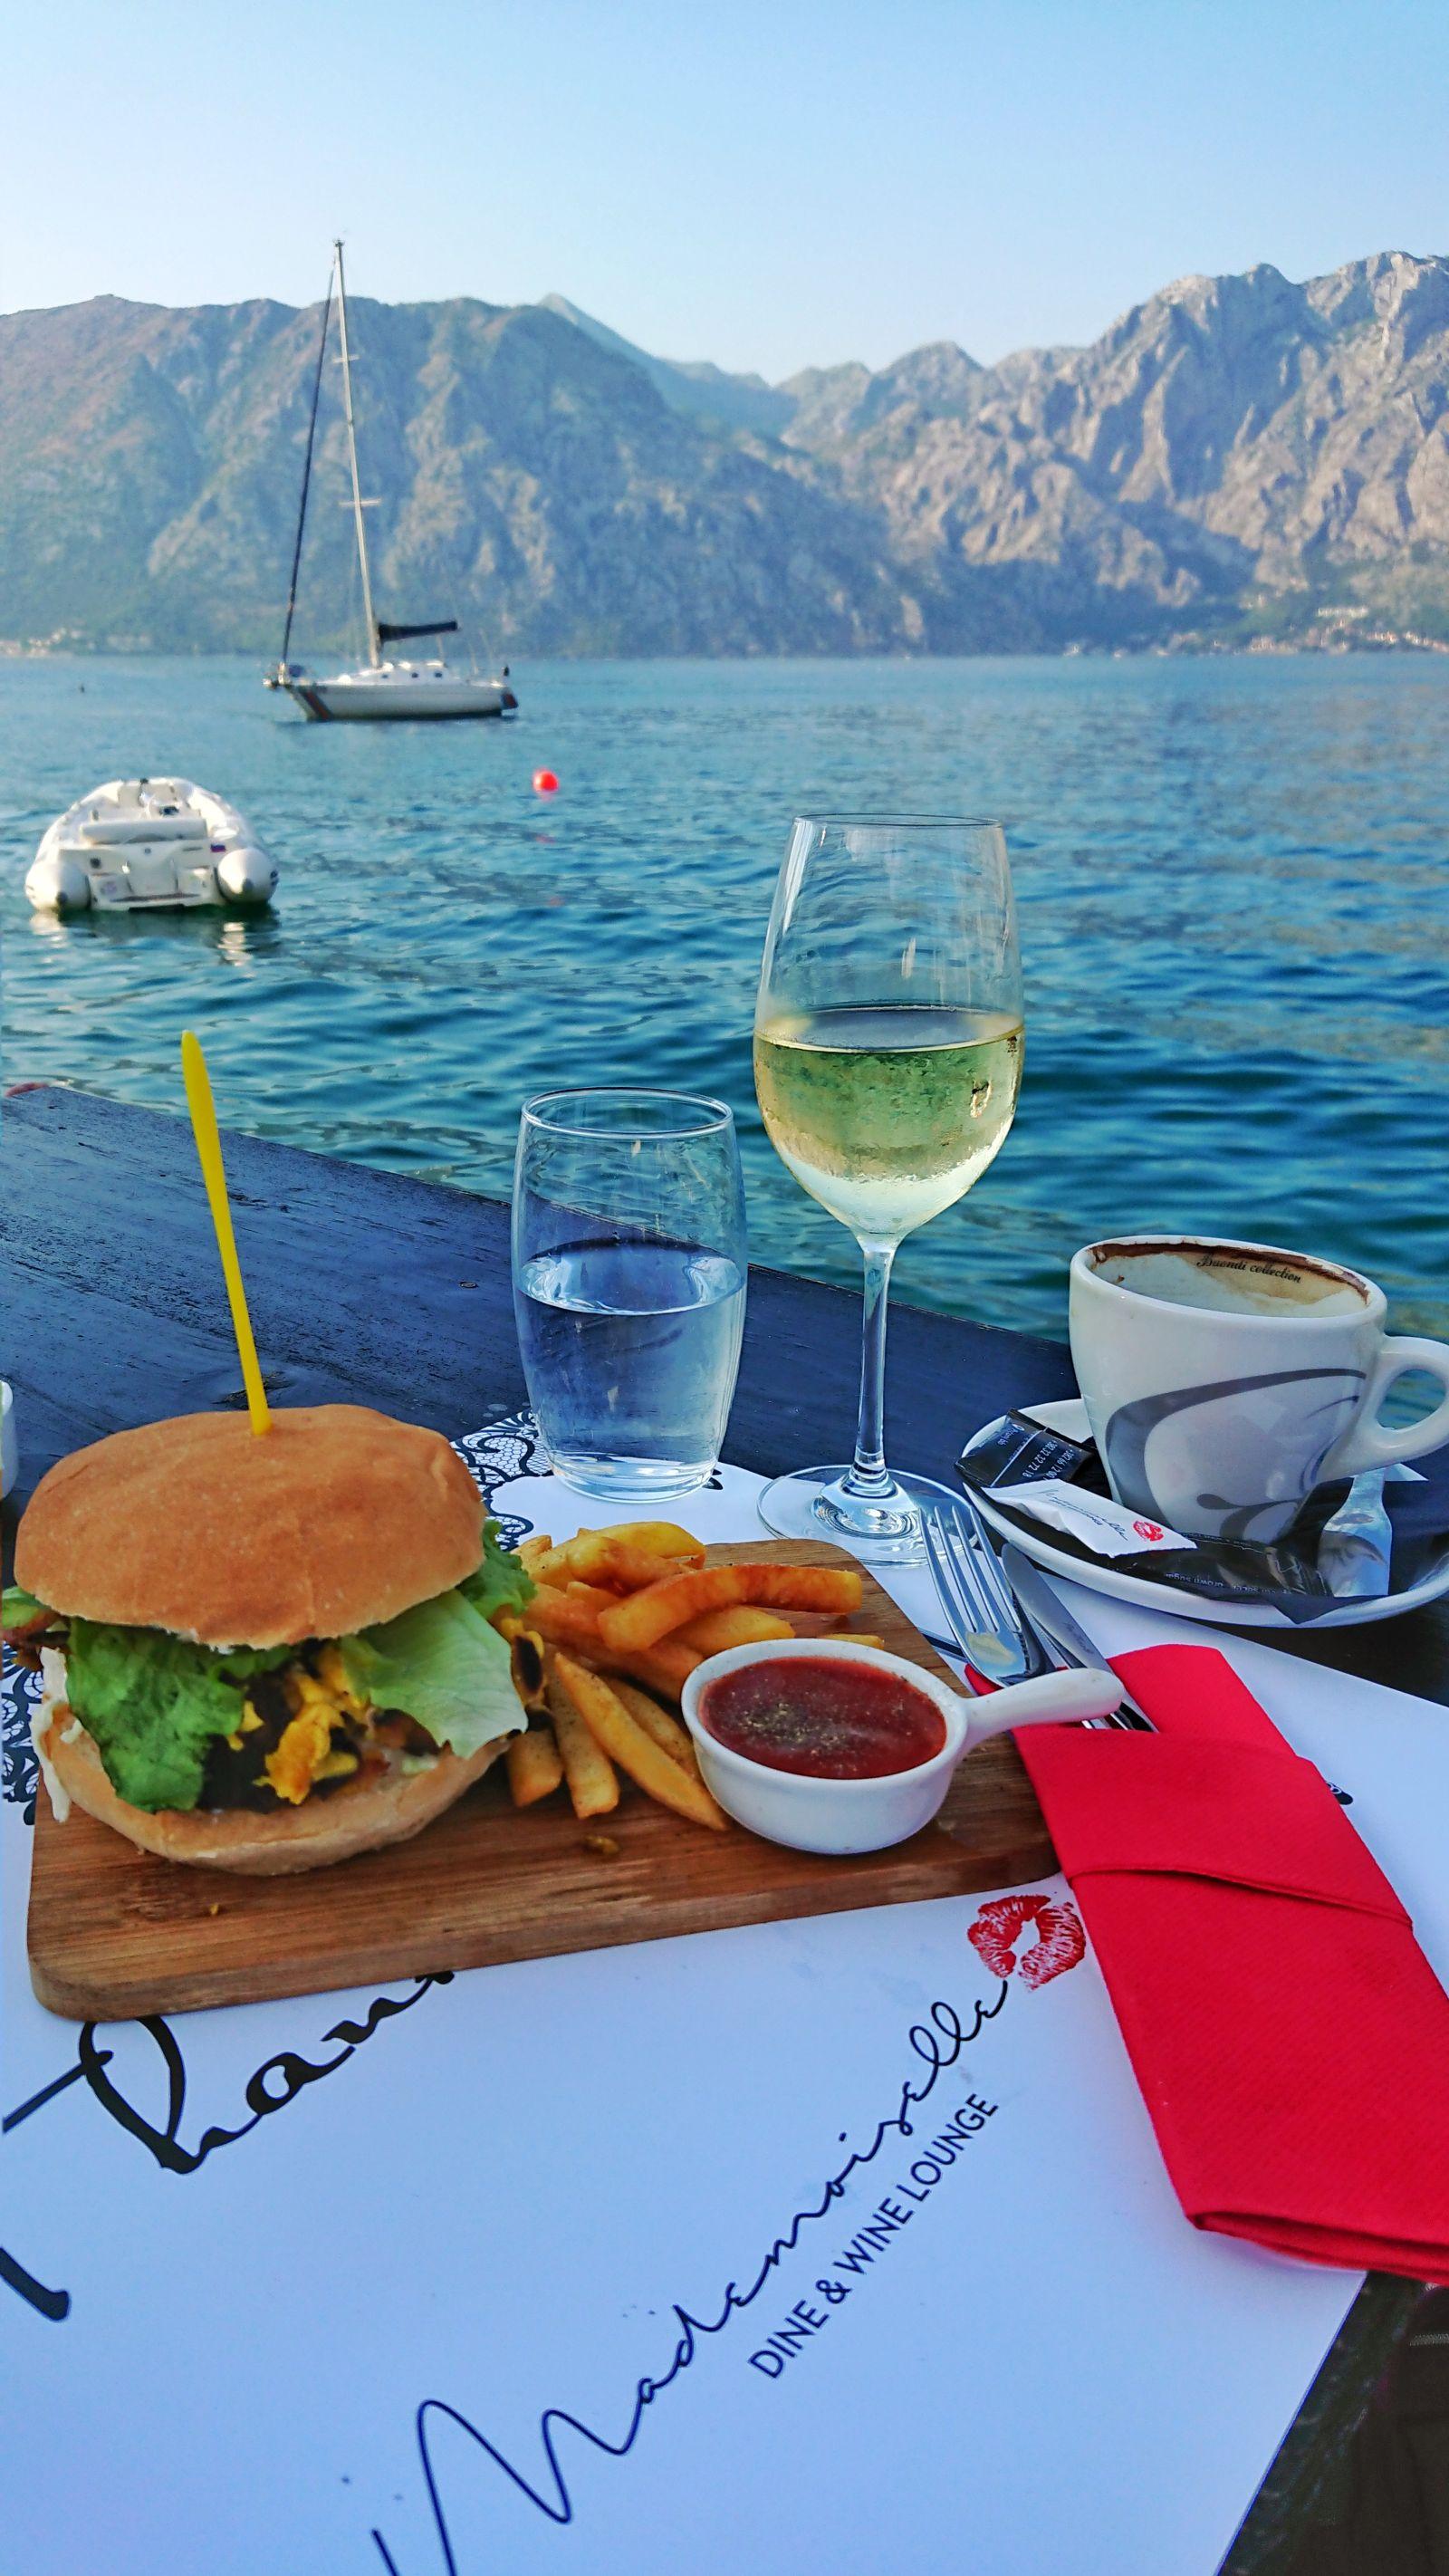 Piękny widok i smaczne jedzenie, tego znajdziemy wiele w Czarnogórze.